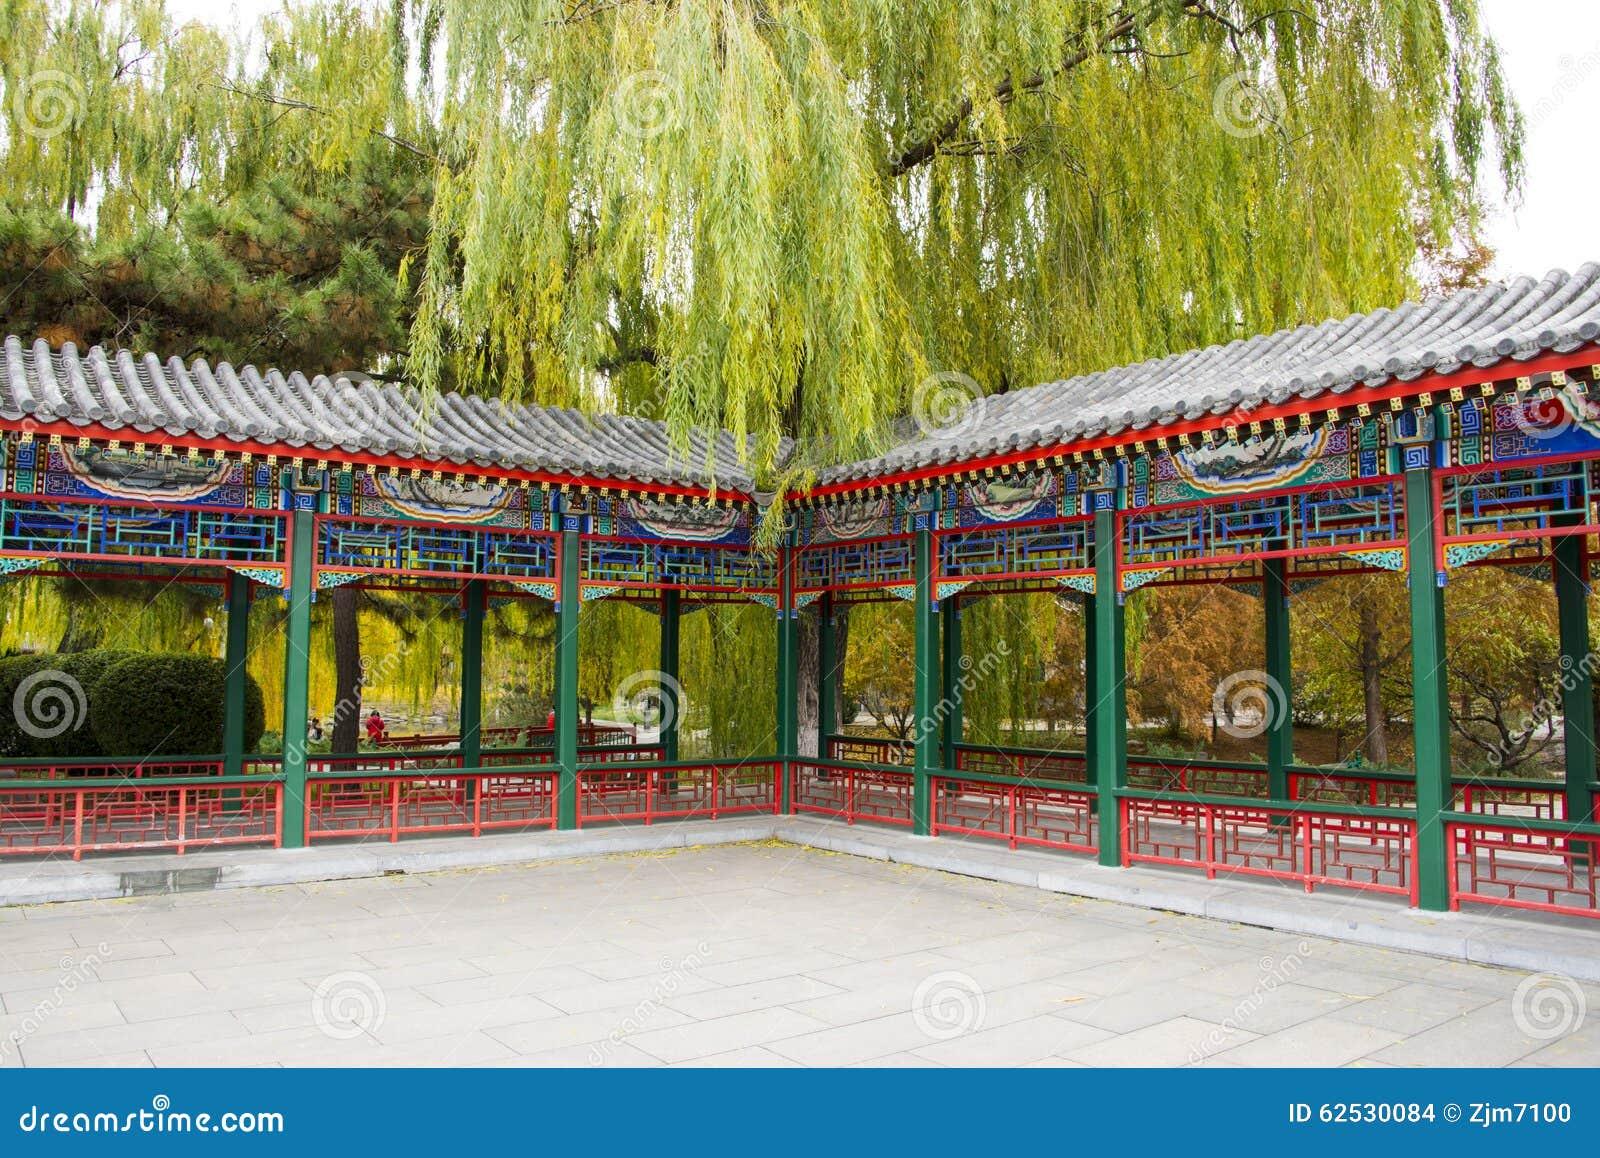 亚洲中国,北京,中山公园,古色古香的大厦,亭子画廊